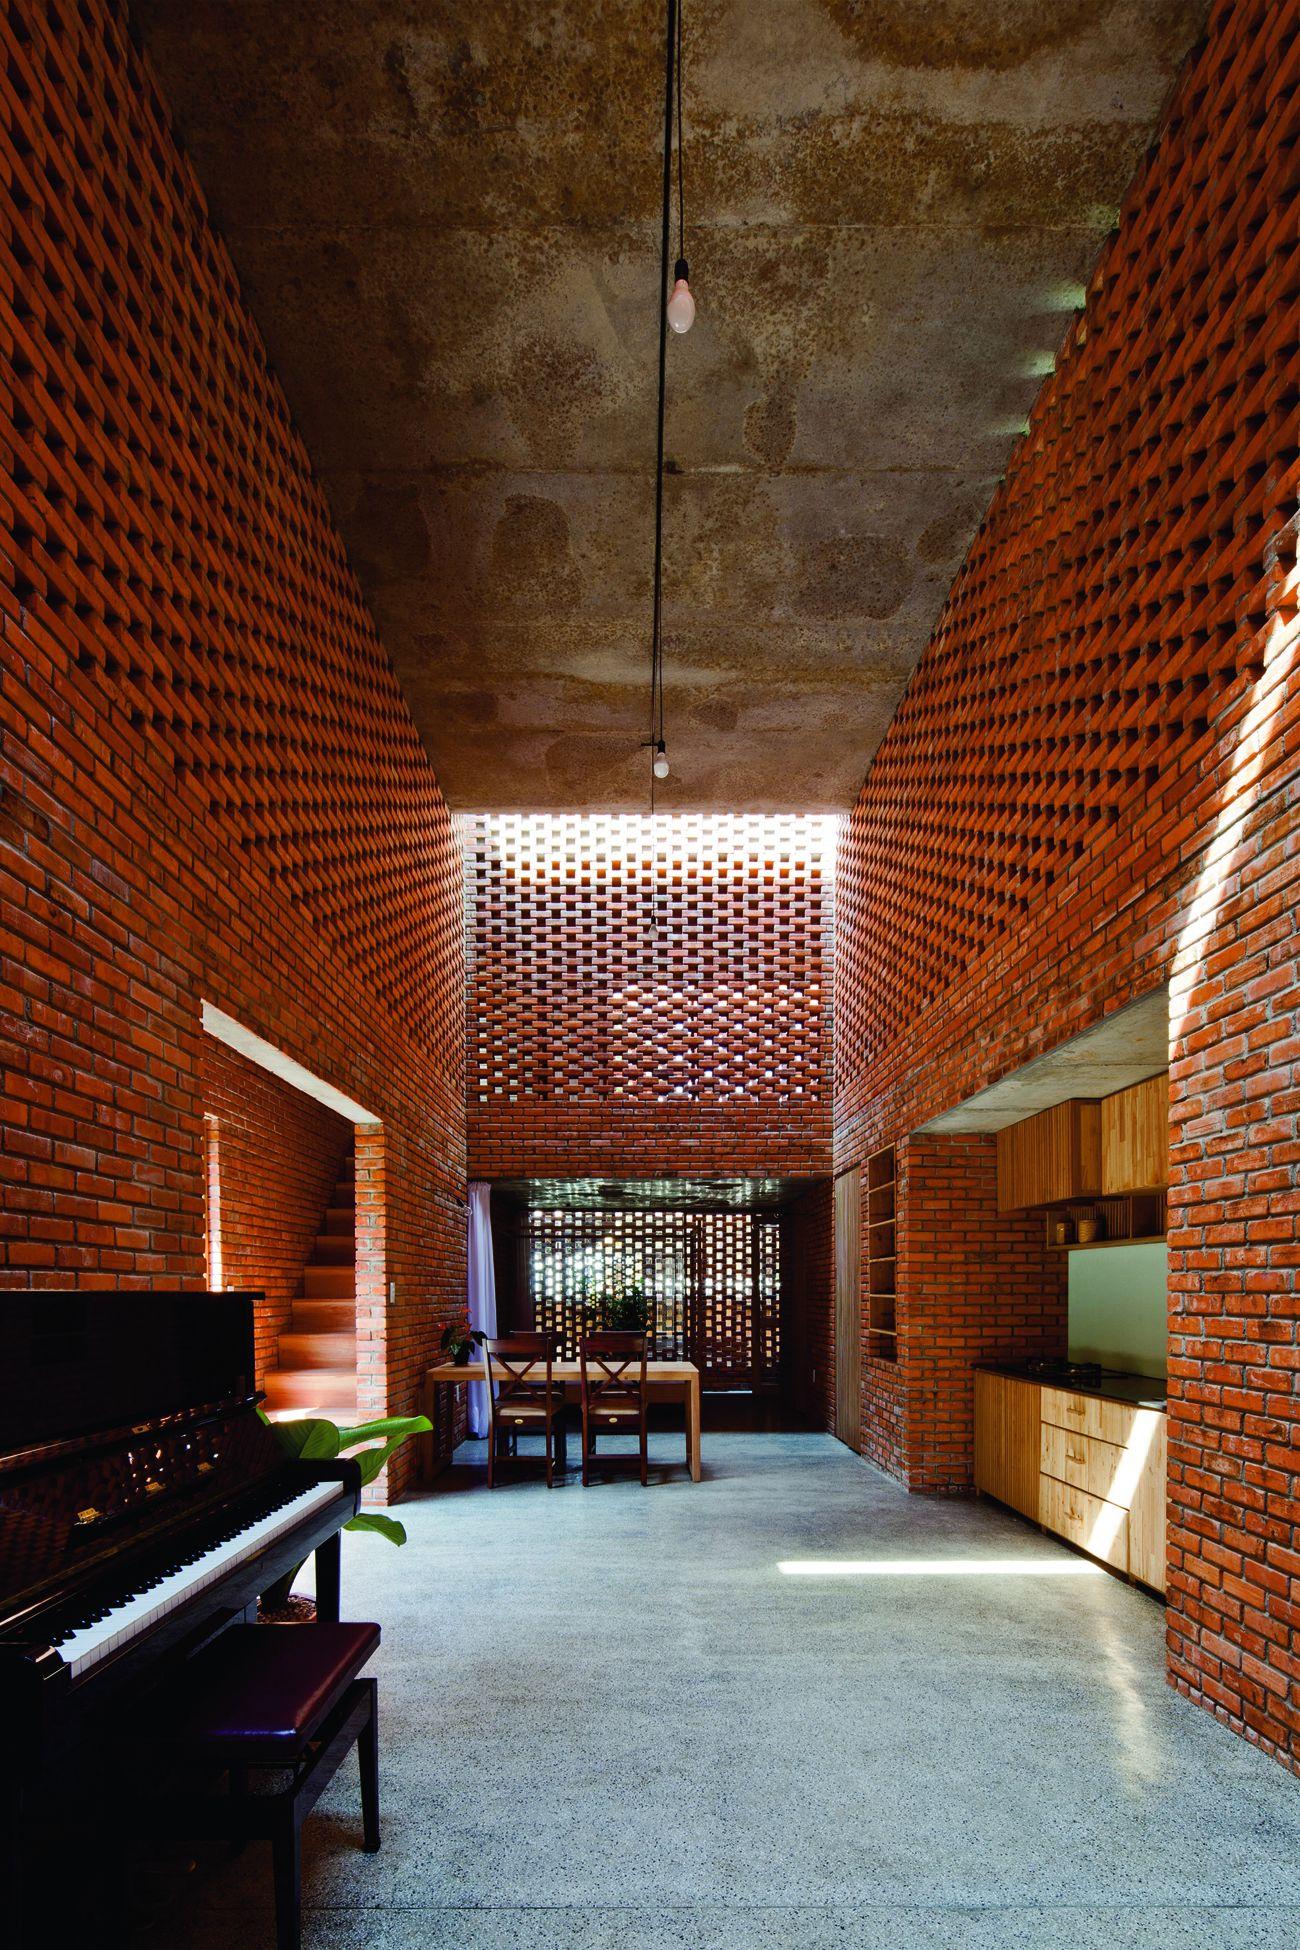 WB001469 compressed - Brick Award 2016 : la créativité par la terre cuite